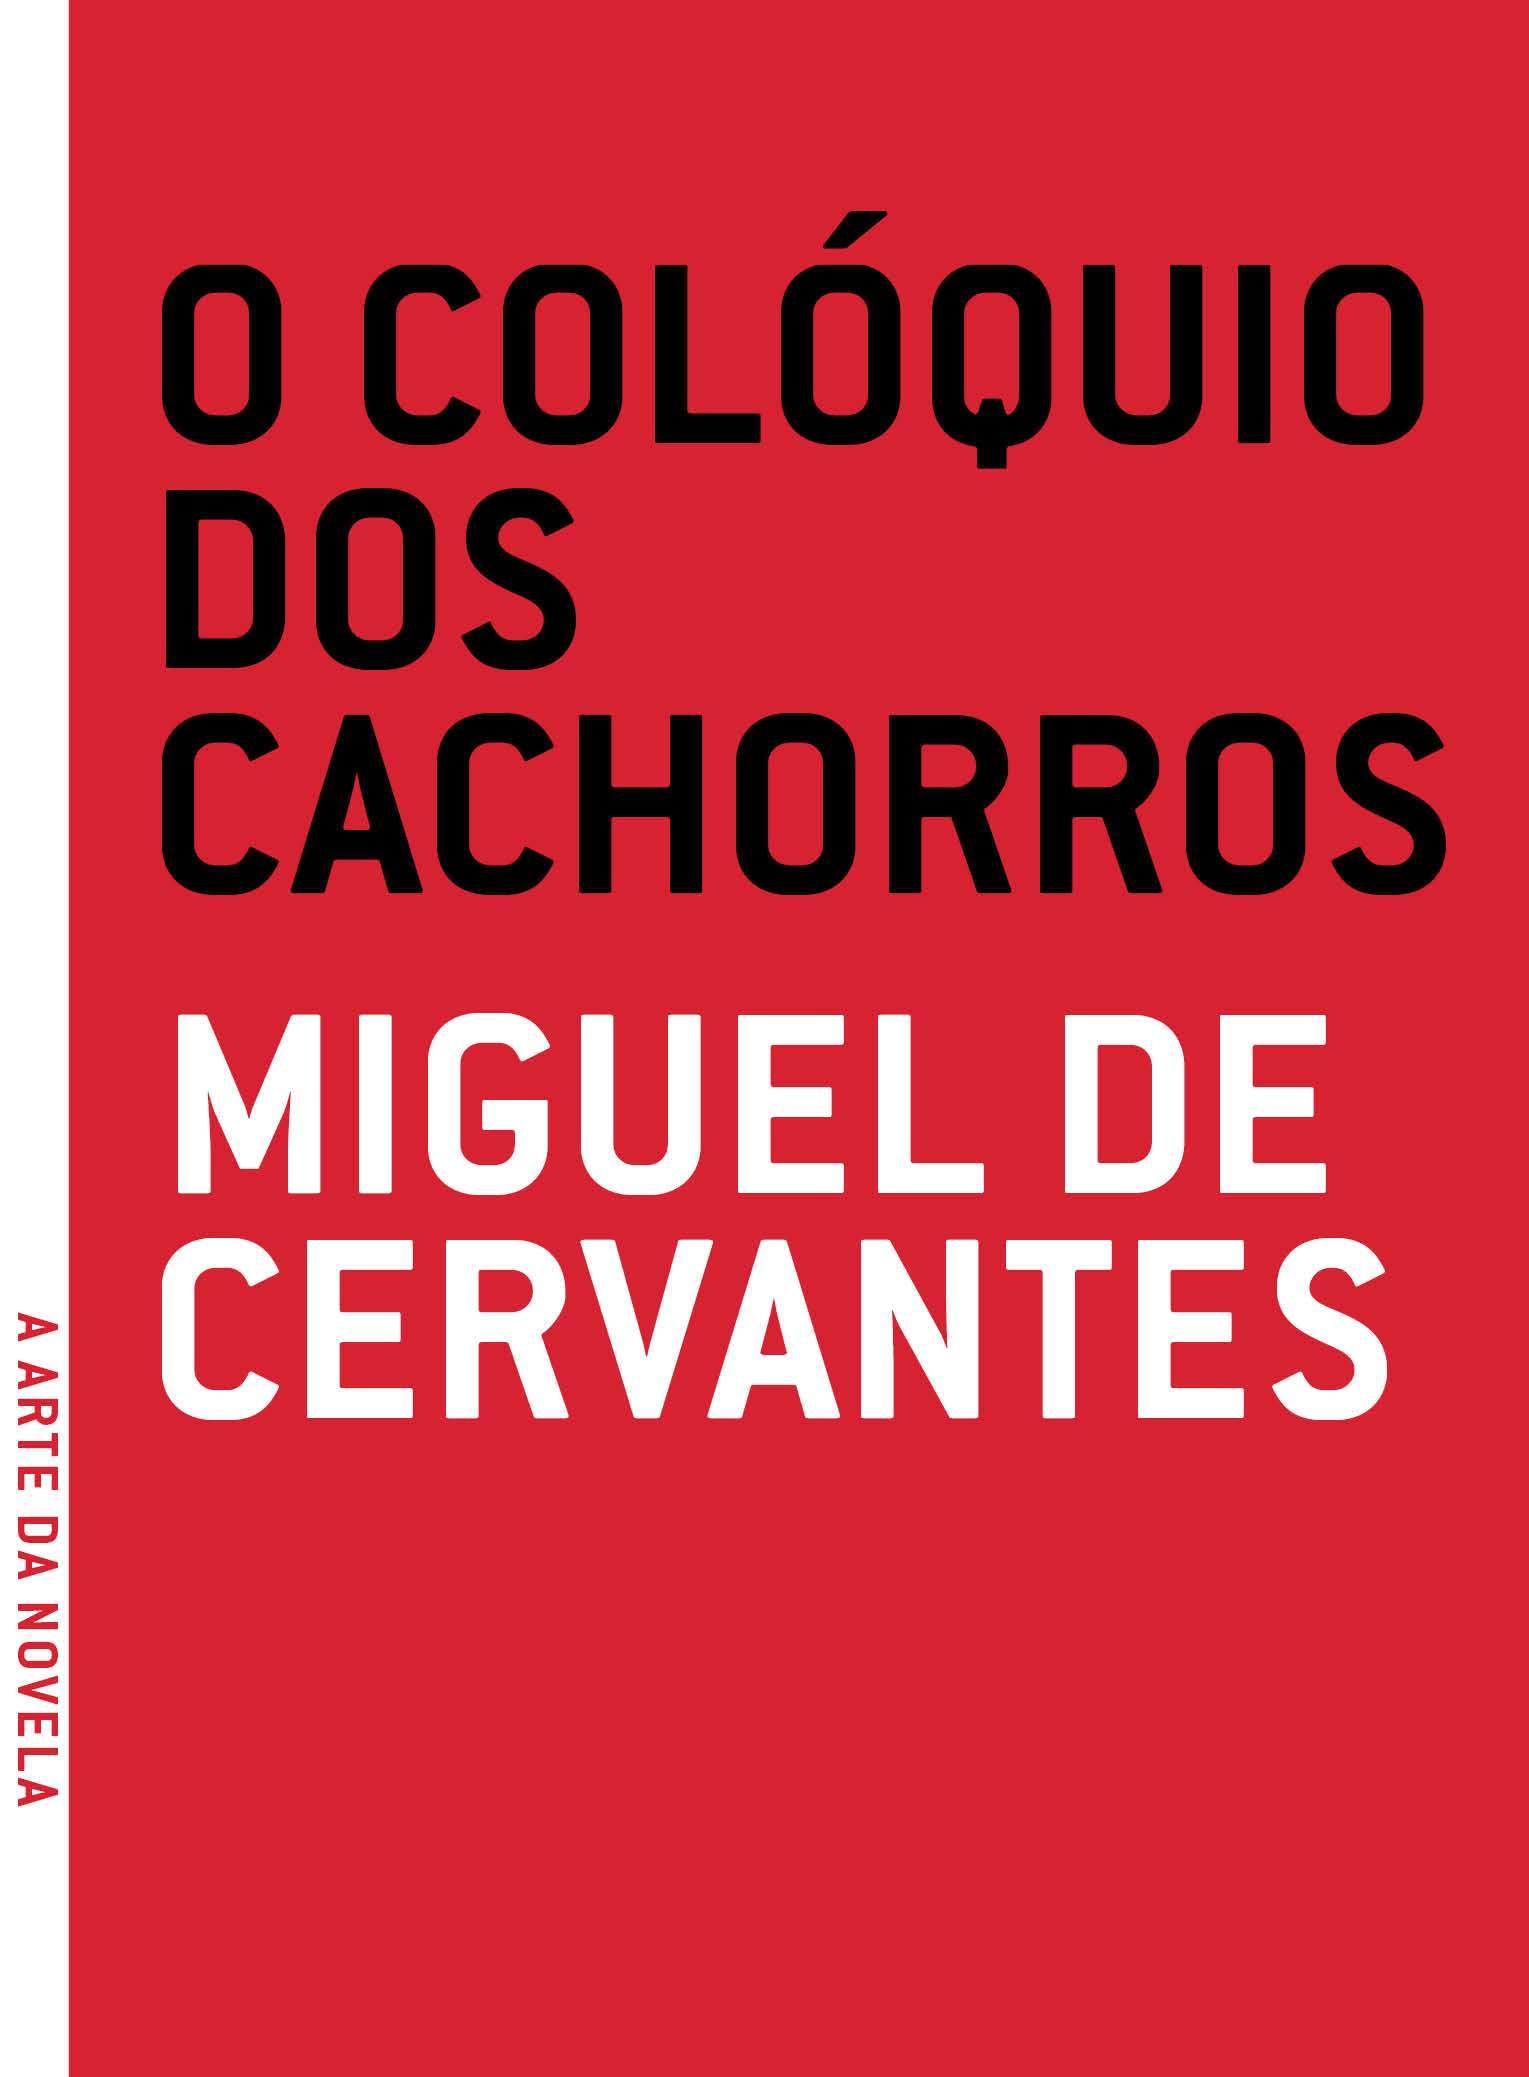 Colóquio dos Cachorros - Coleção A Arte da Novela, livro de Miguel de Cervantes